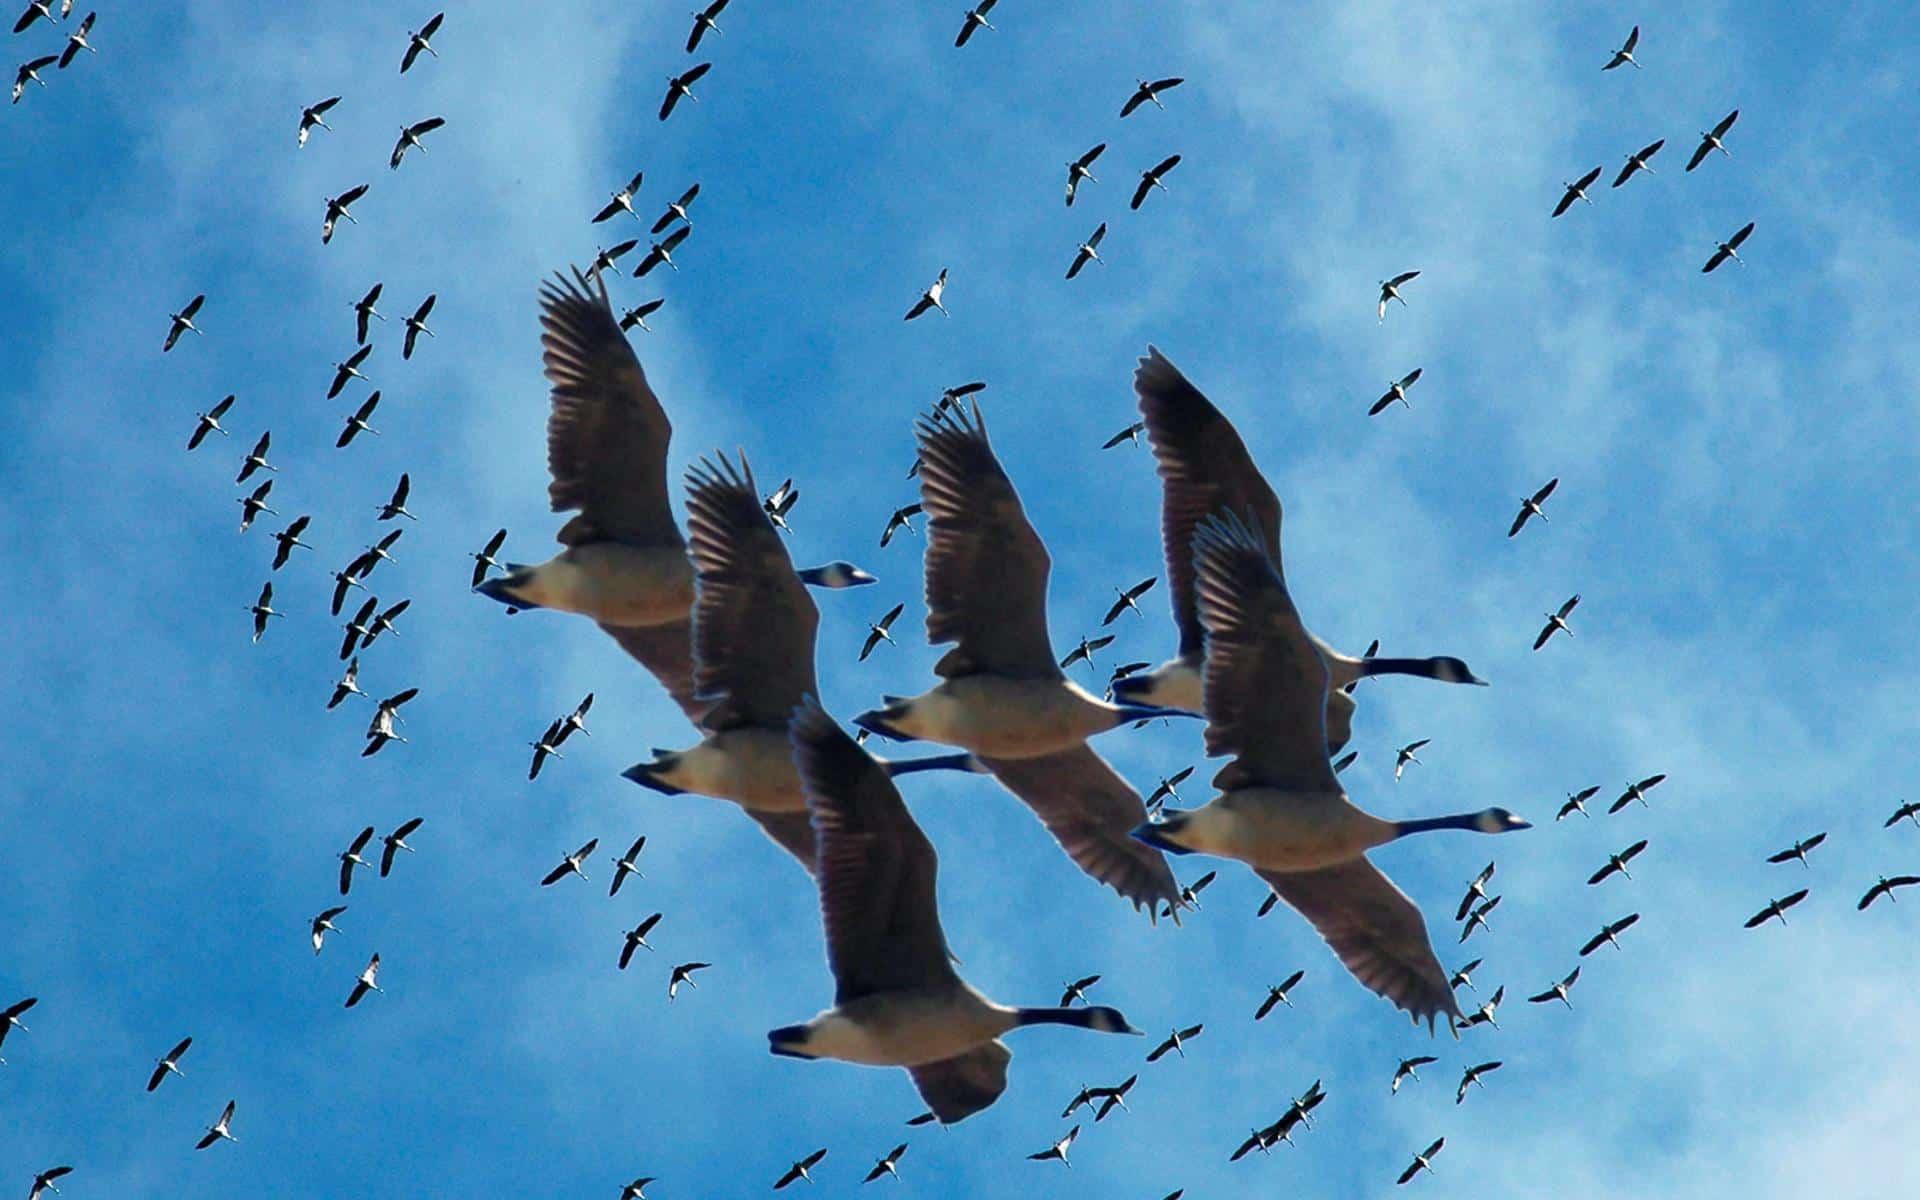 العبور الآمن مصر تغلق طواحين الهواء أمام الطيور المهاجرة